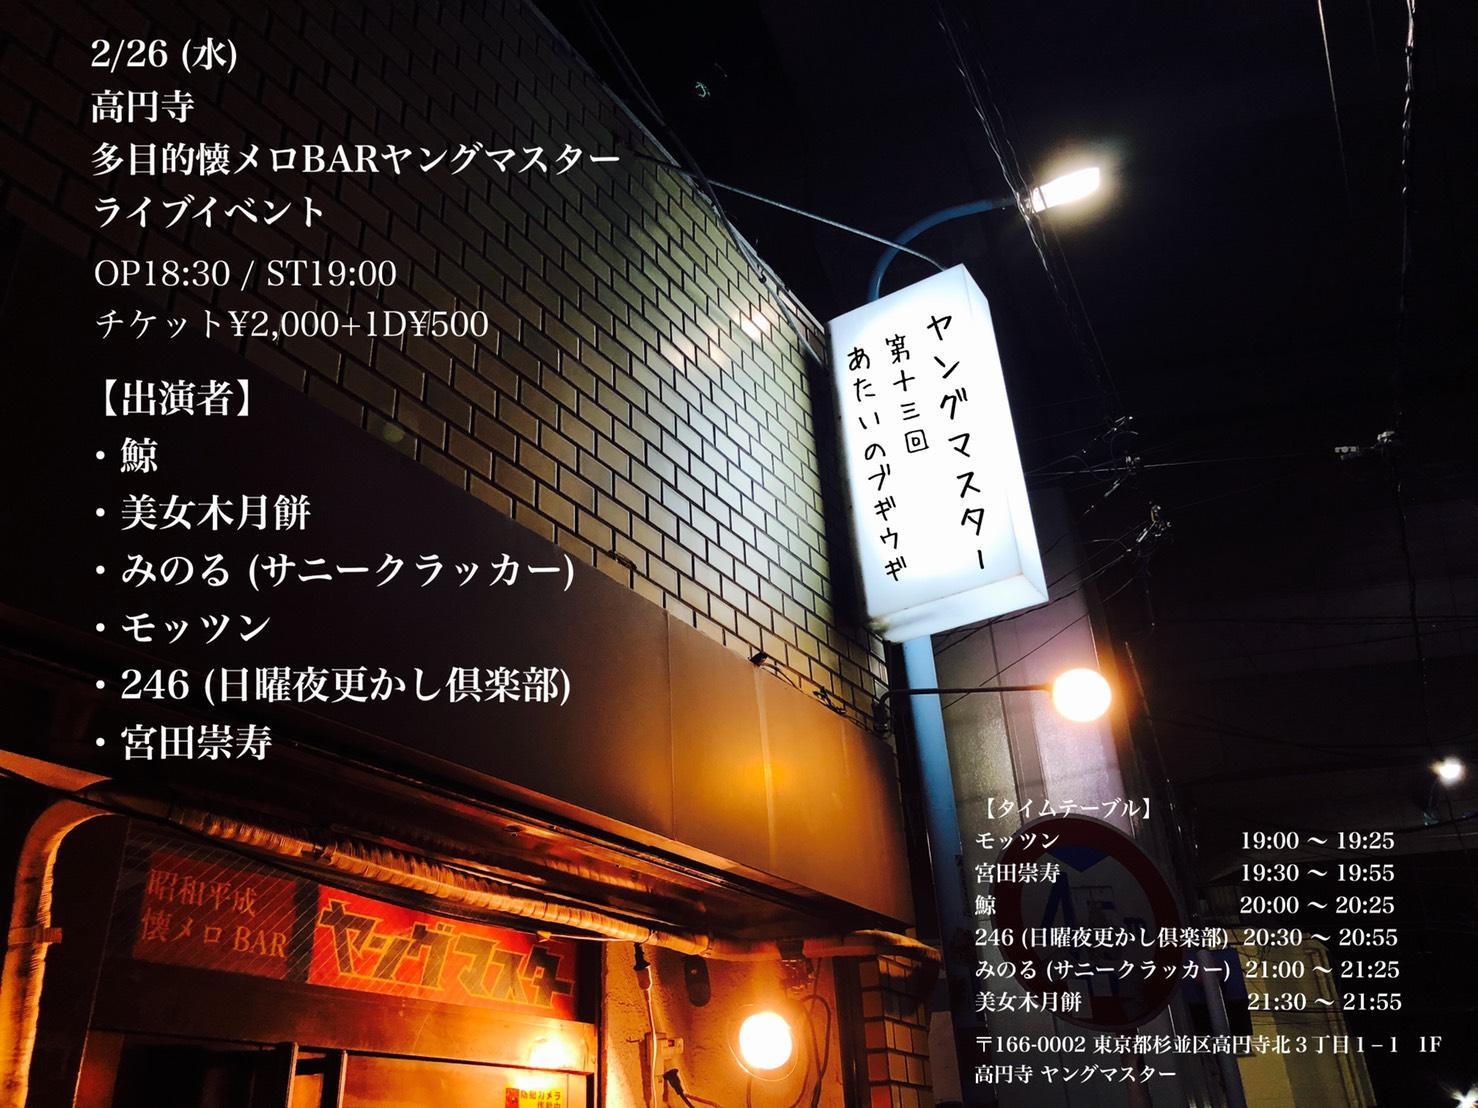 2/26 (水)  ライブイベント 「あたいのブギウギ vol.13」 OP18:30 / ST19:00 チケット¥2,000+1D¥500